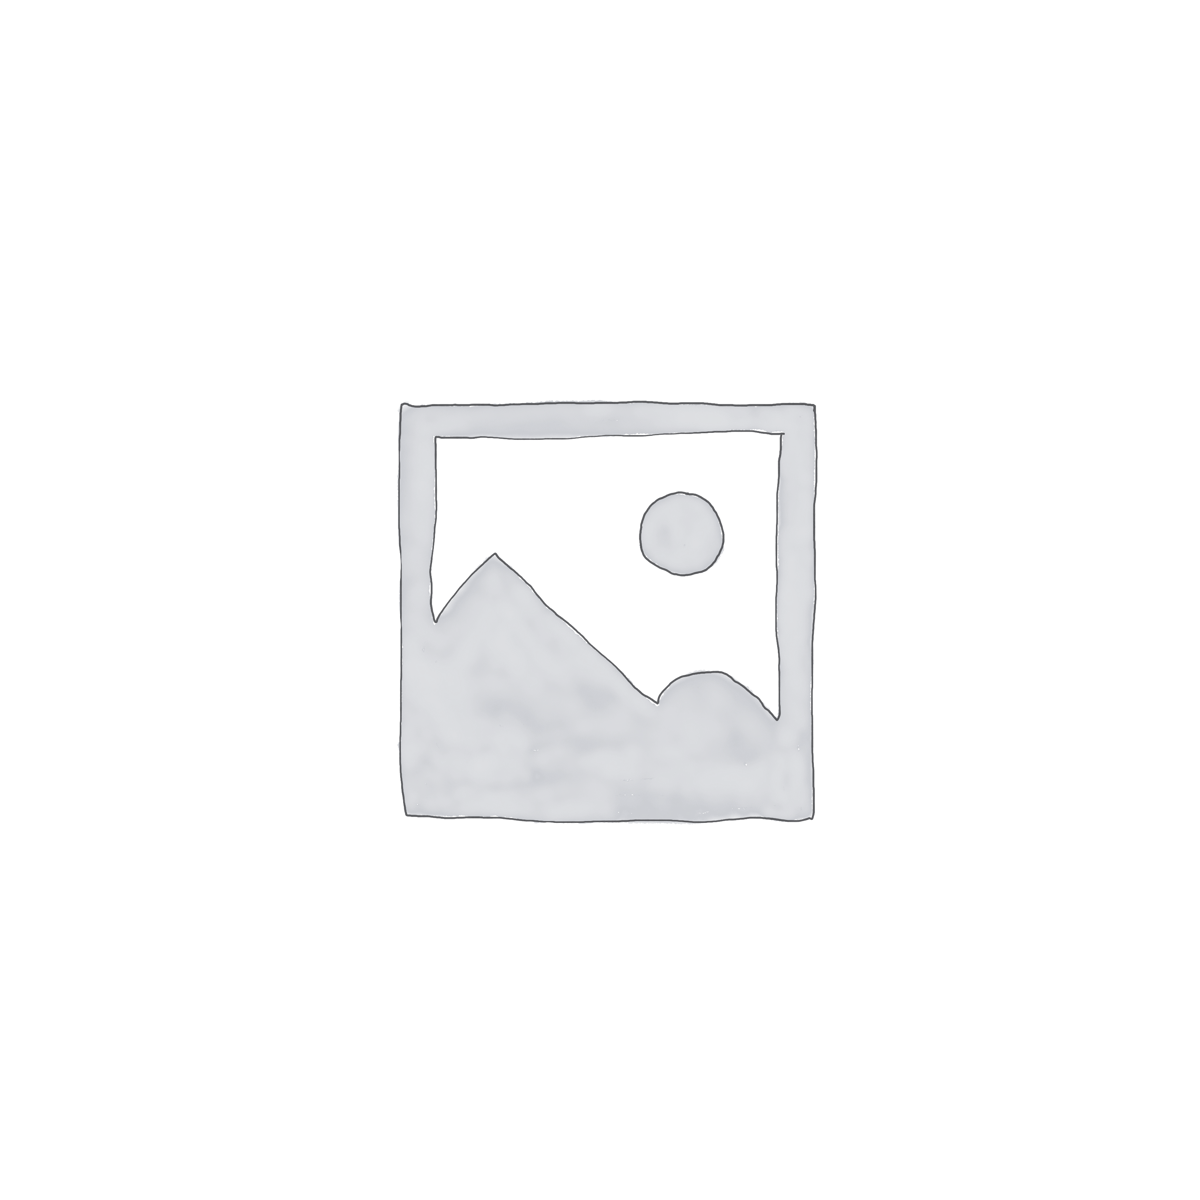 Салат-бар со стеклокерамической подогреваемой поверхностью FAST GOURMET ISOLA 1400 QPC